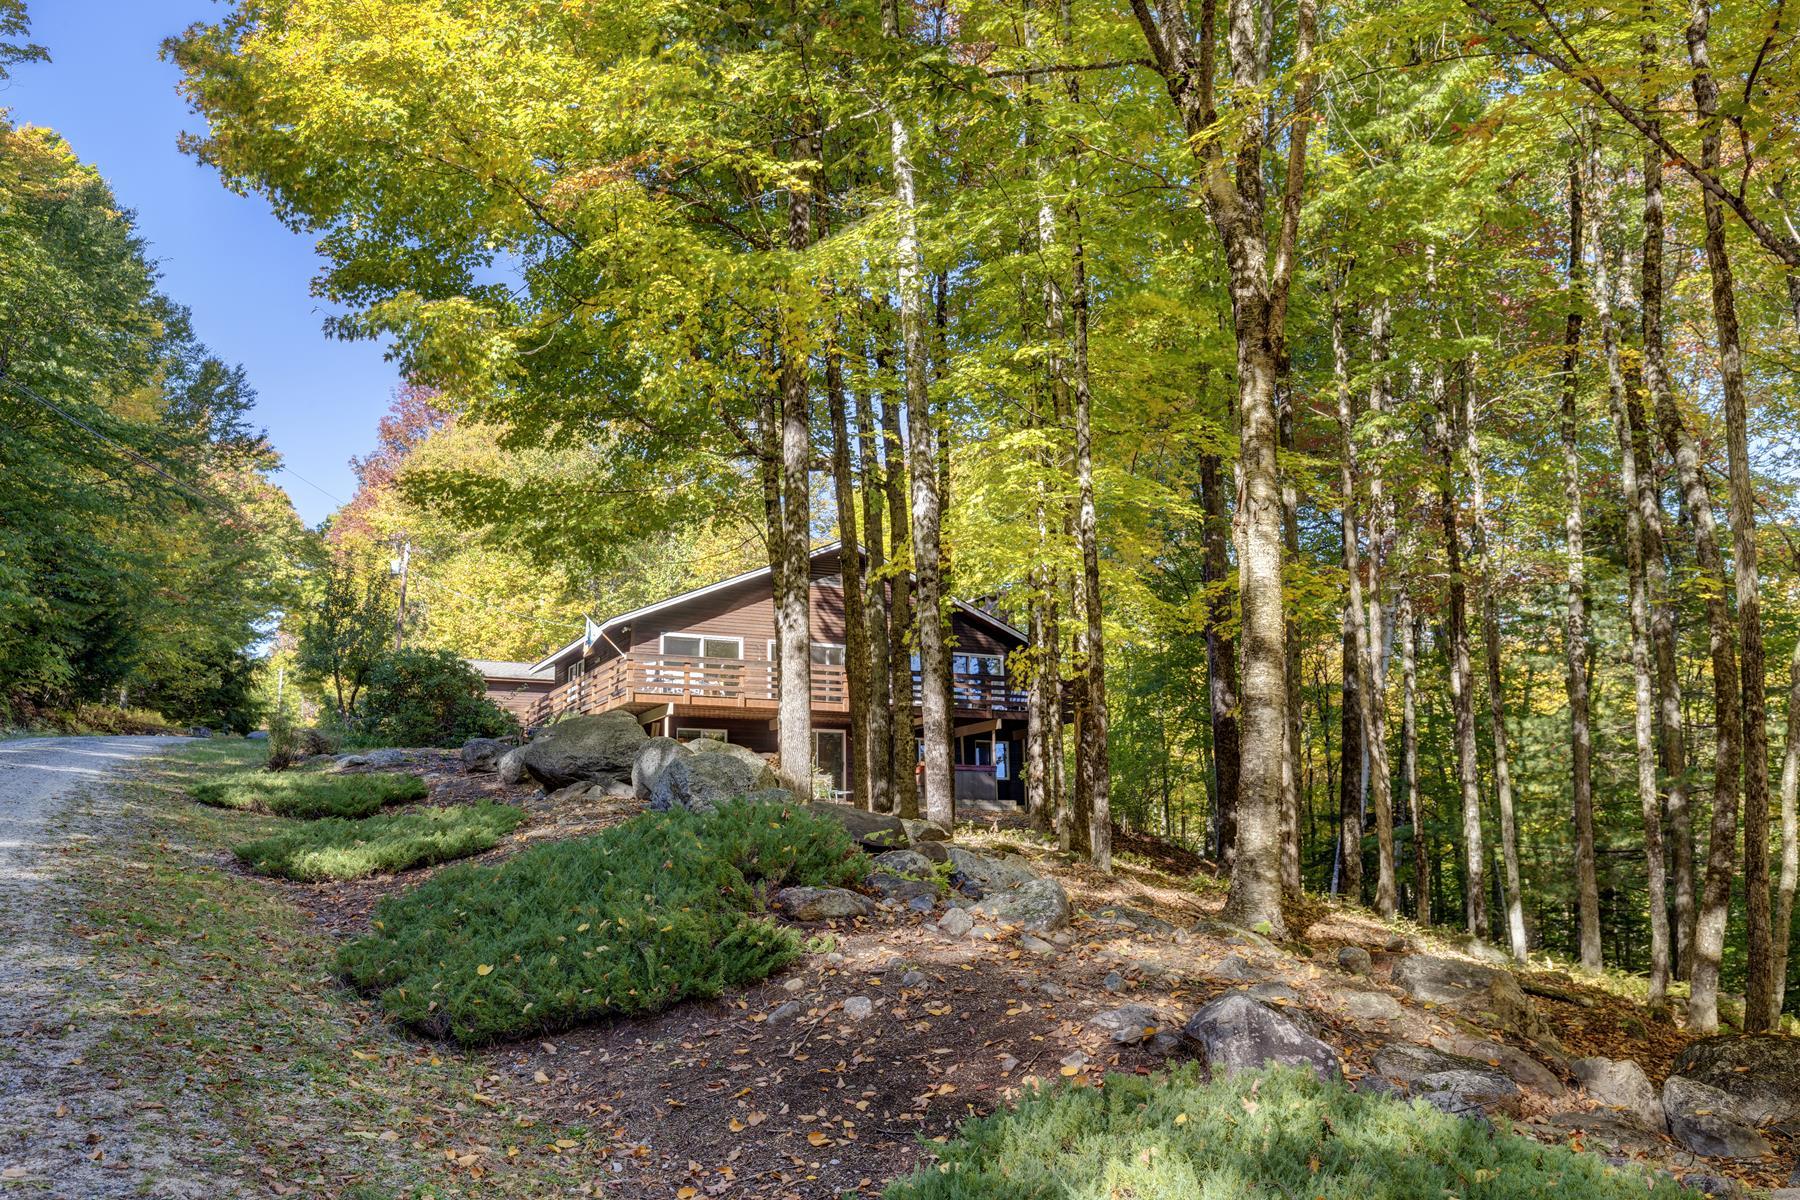 獨棟家庭住宅 為 出售 在 22 Porcupine Ridge, New London New London, 新罕布什爾州, 03257 美國